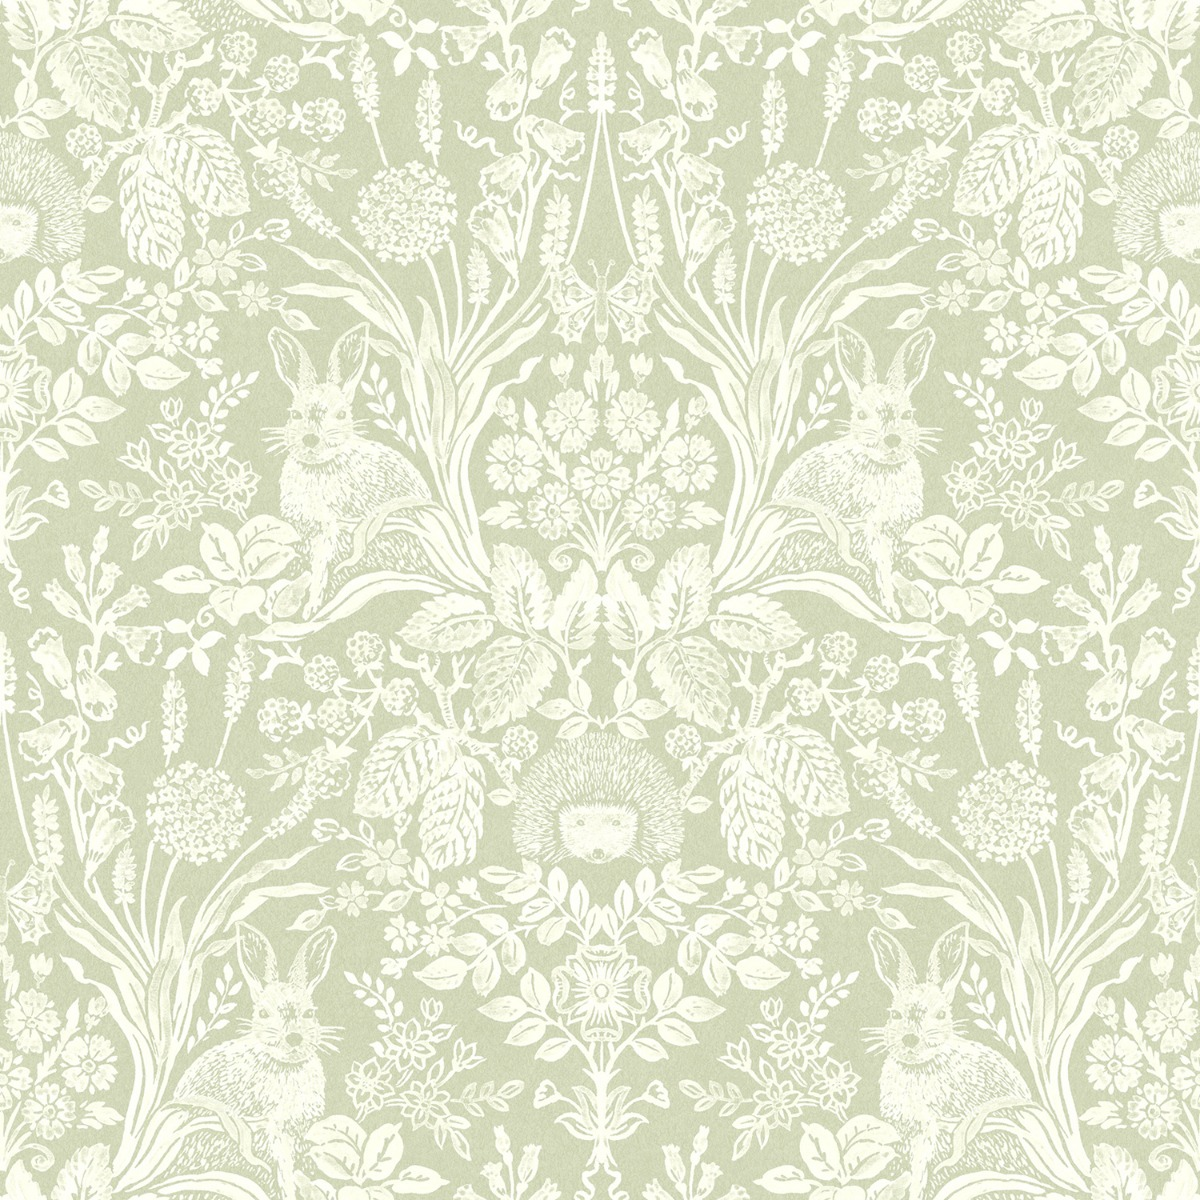 Harlen Woodland Damask Wallpaper Sage Green Holden 90162